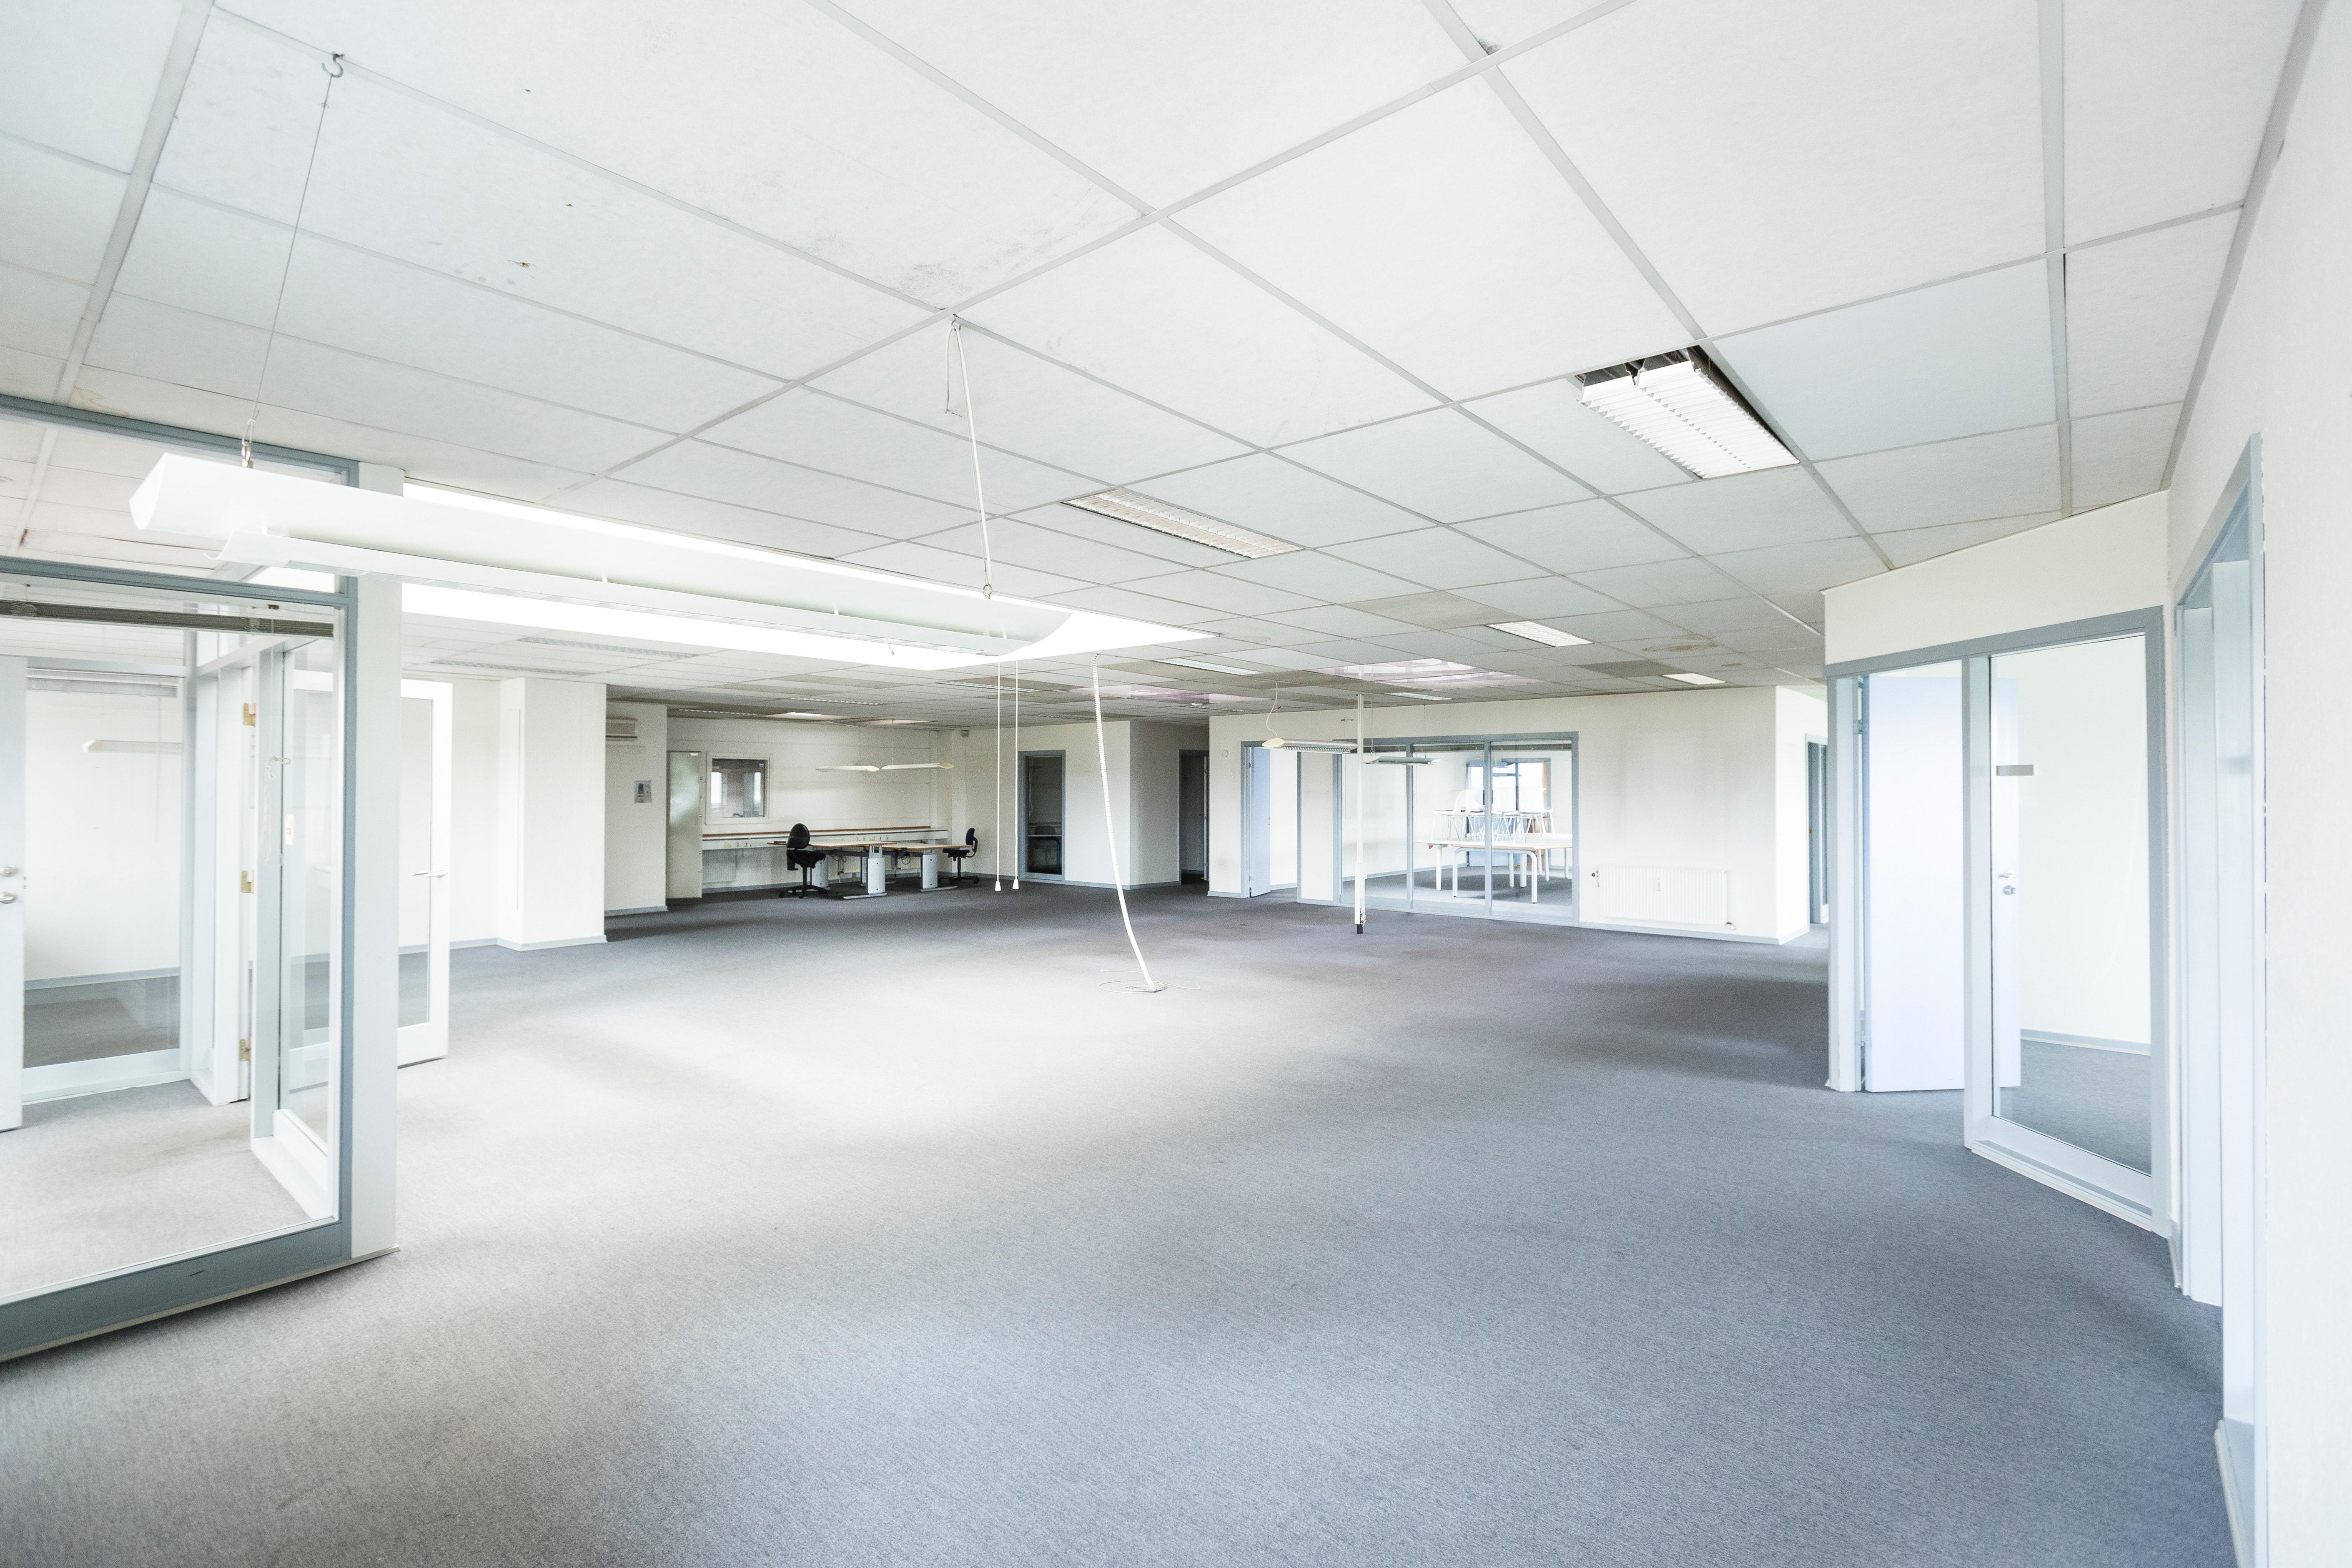 interiérový priestor